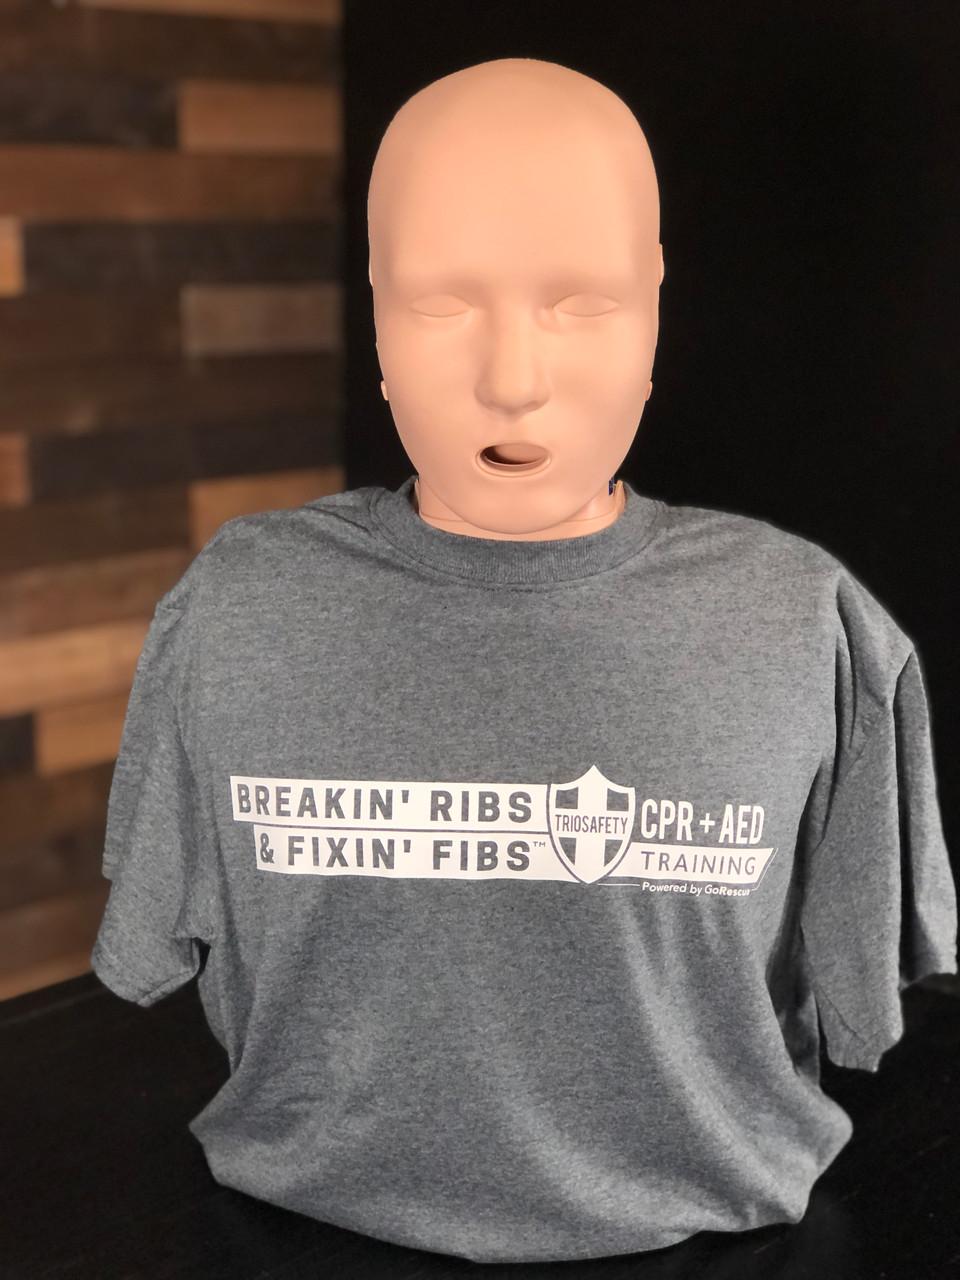 Breakin' Ribs & Fixin' Fibs (TM) T-Shirt